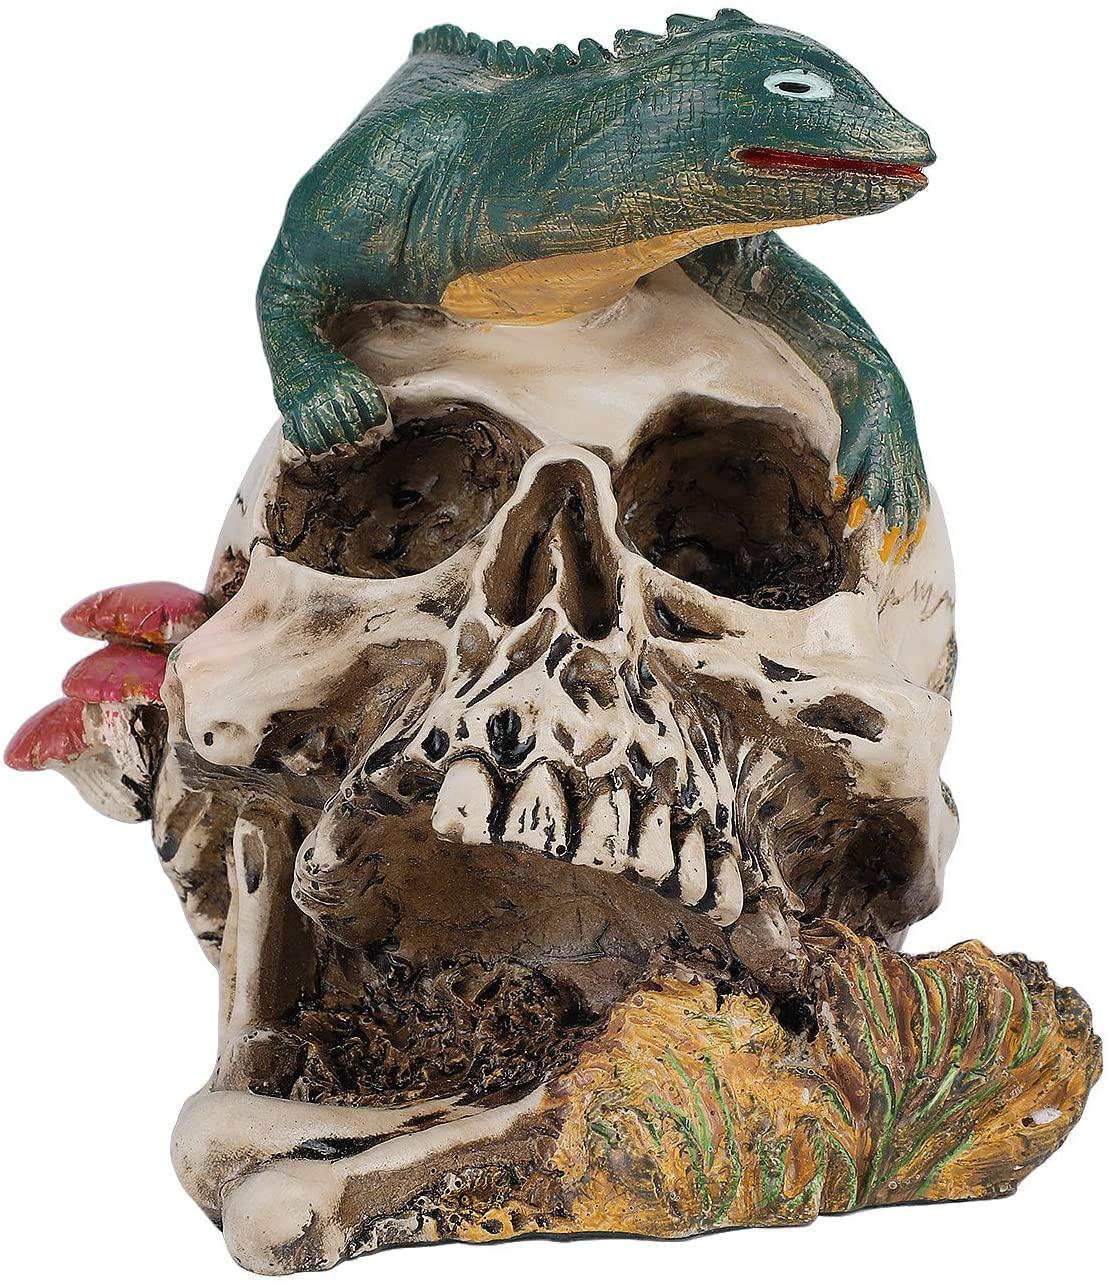 LONTG Halloween Skull Decorations Artwork Skull Hood Ornament Scary Halloween Skeleton Decorations for Lawn Garden Horrible Snake Animal Skeleton Head Halloween Decoration Realistic Human Skull Decor